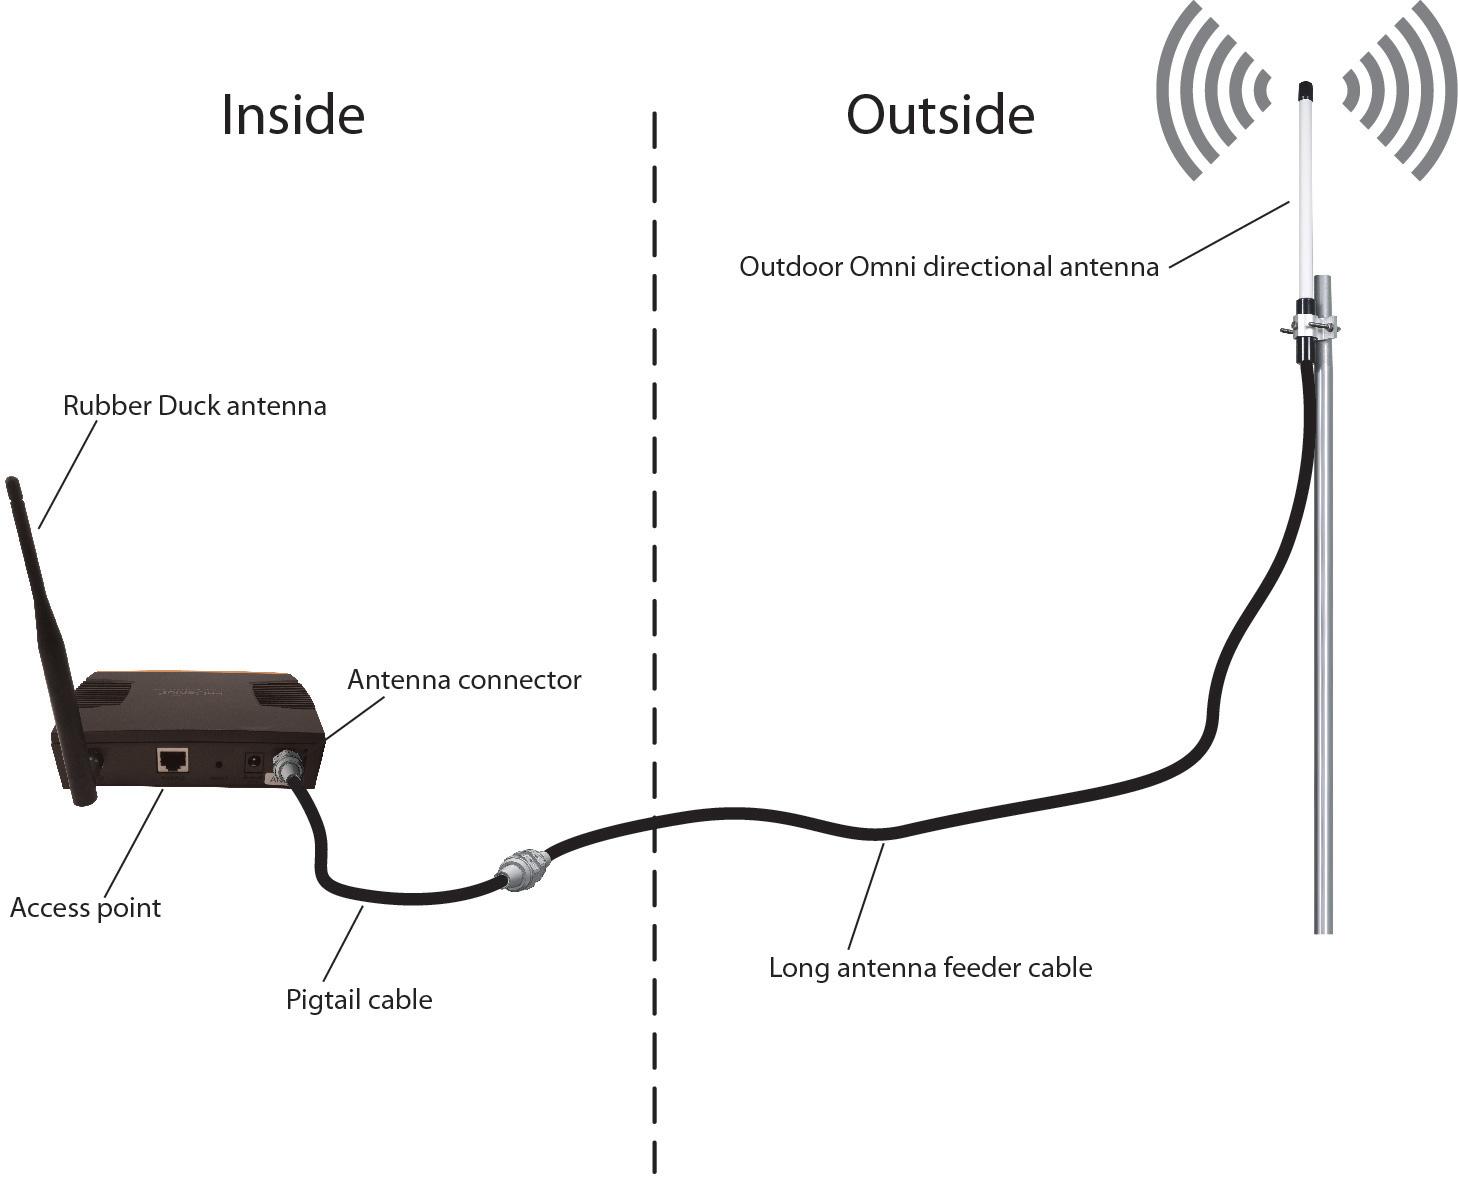 Ford Power Antenna Wiring Diagram Schematics Data Mazda Access Wireless Wire Center U2022 For Auto